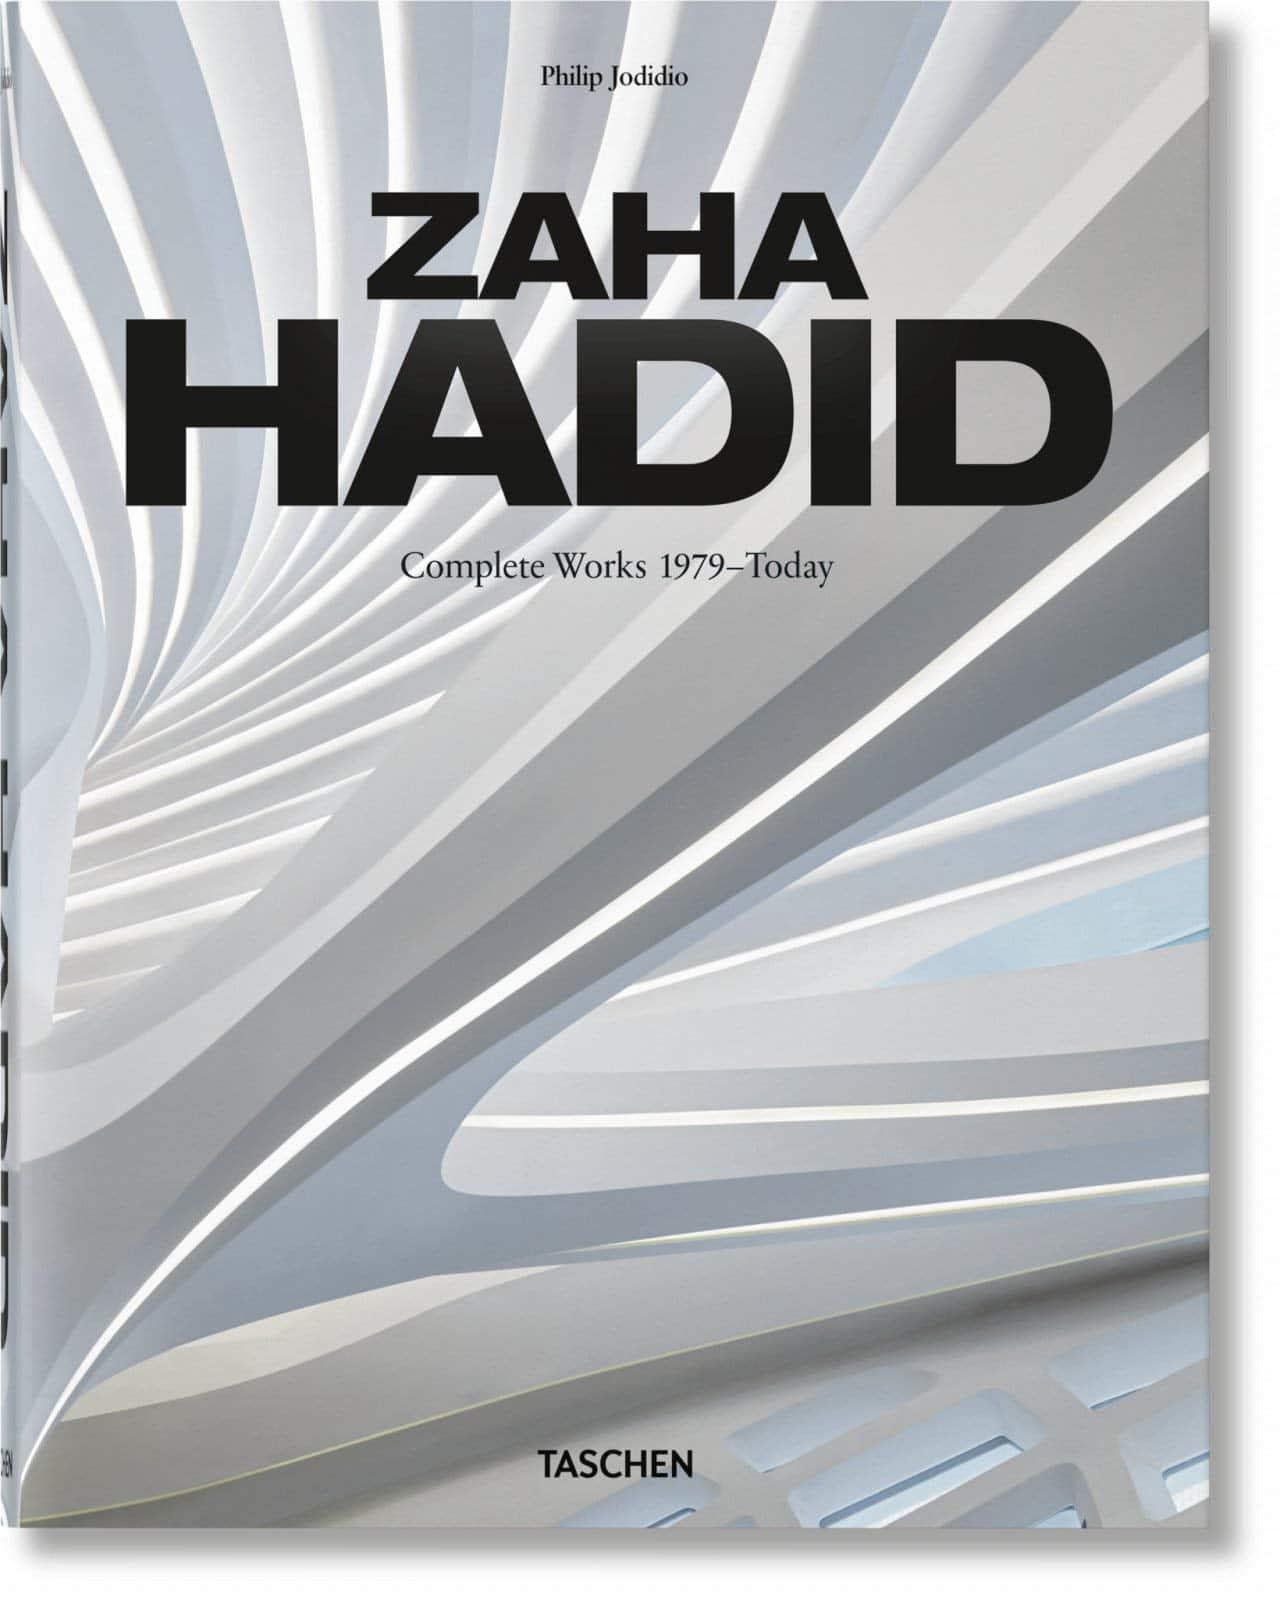 Zaha Hadid Book